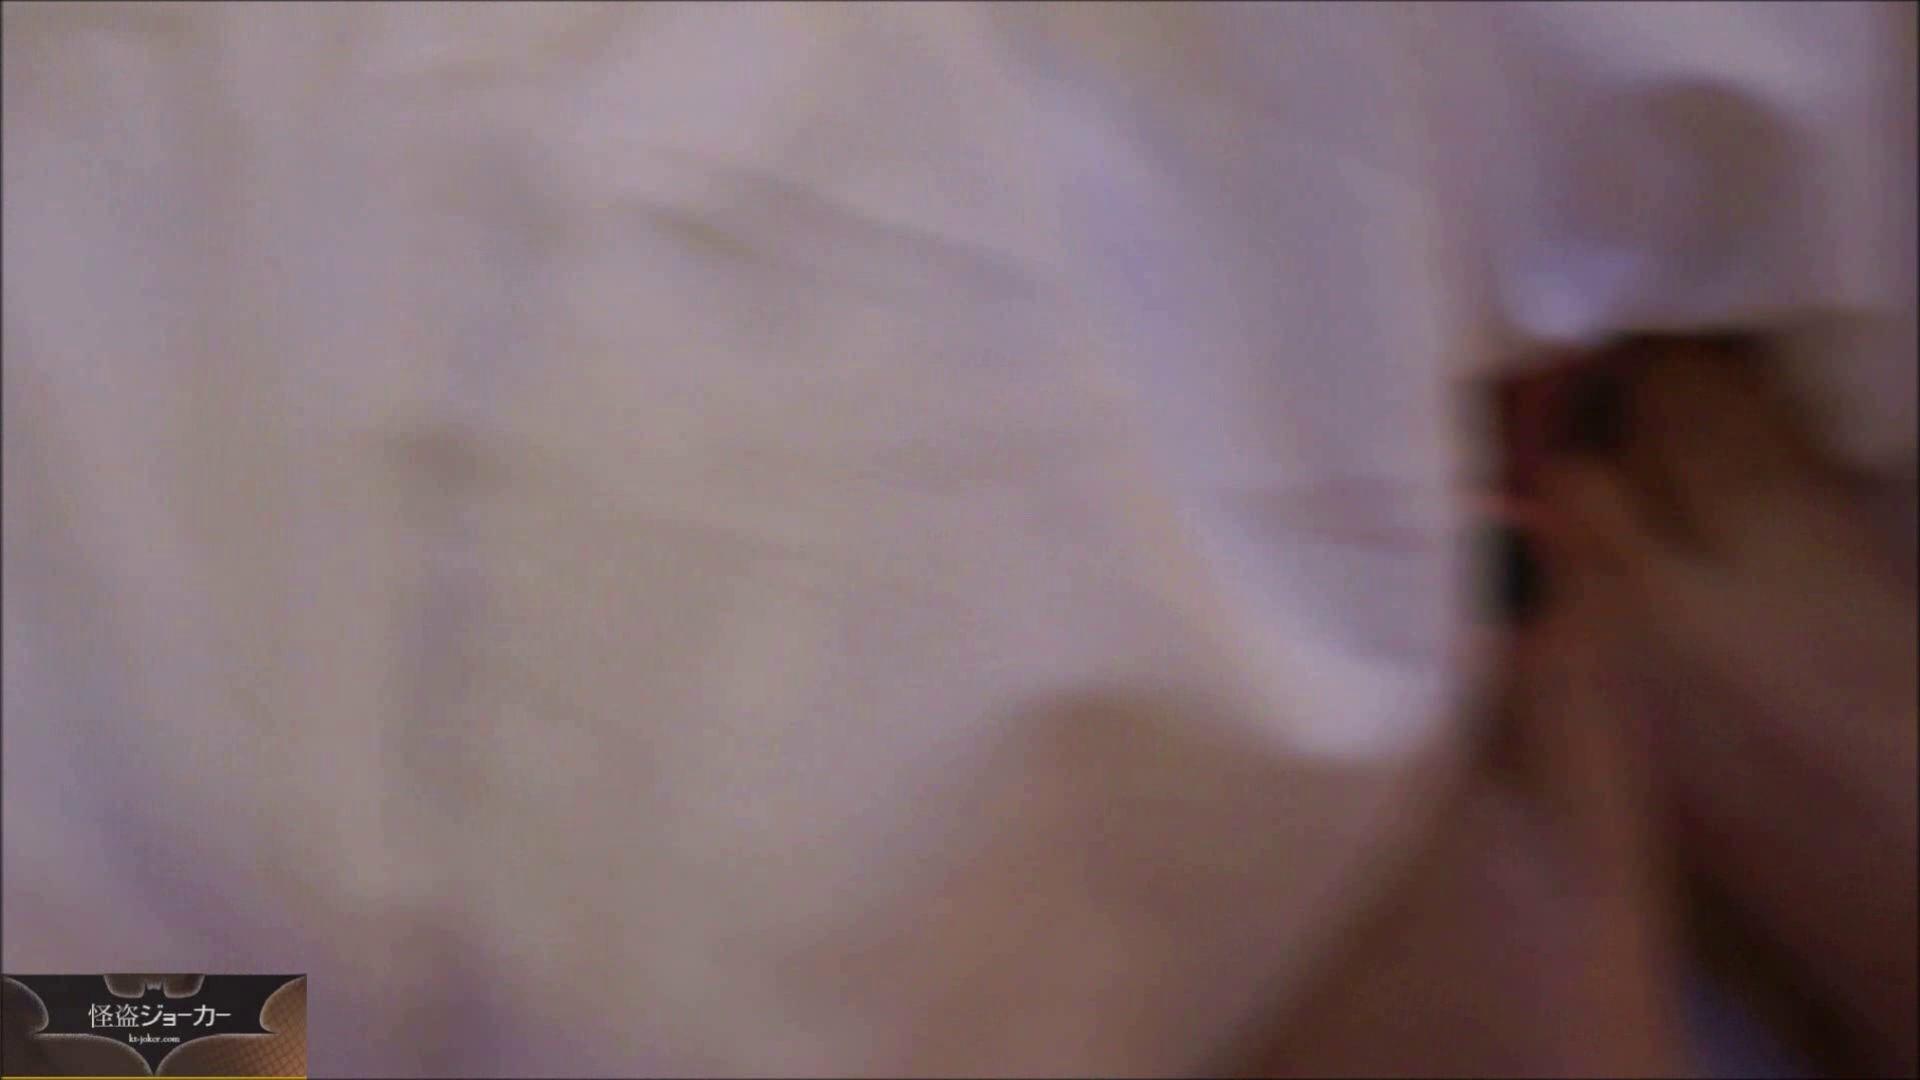 【未公開】vol.35 遂に小春ちゃんとも・・・従順に、体を委ねて。 プライベート エロ無料画像 89pic 31